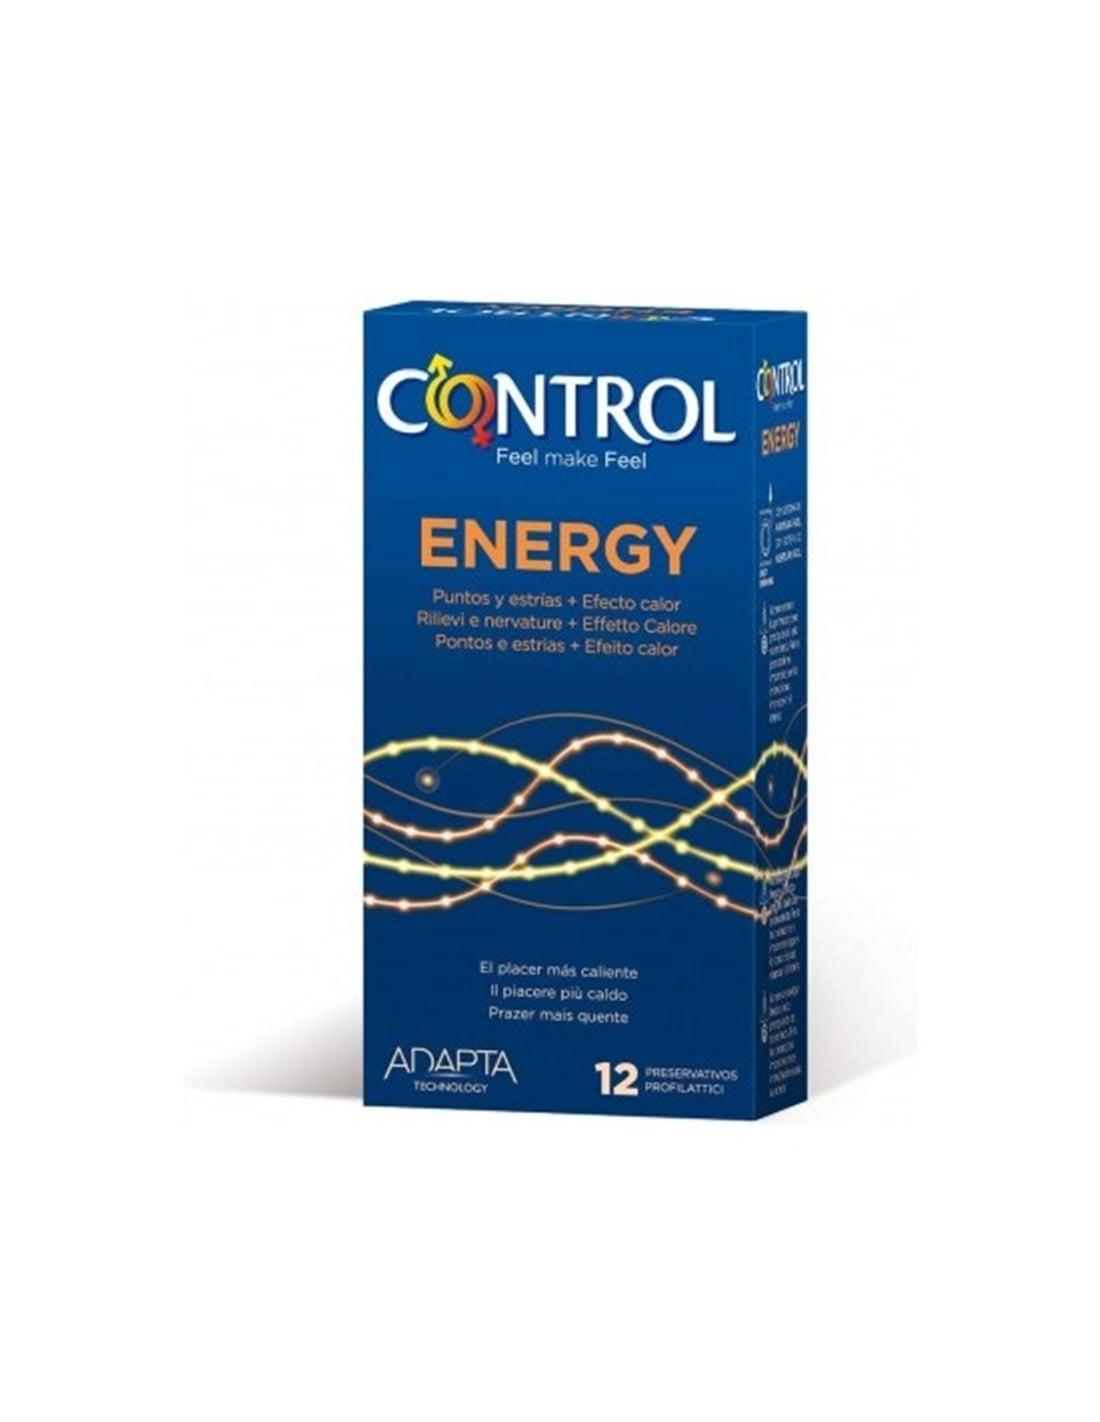 57162 - Preservativos Control Energy 12 Unidades-PR2010348135